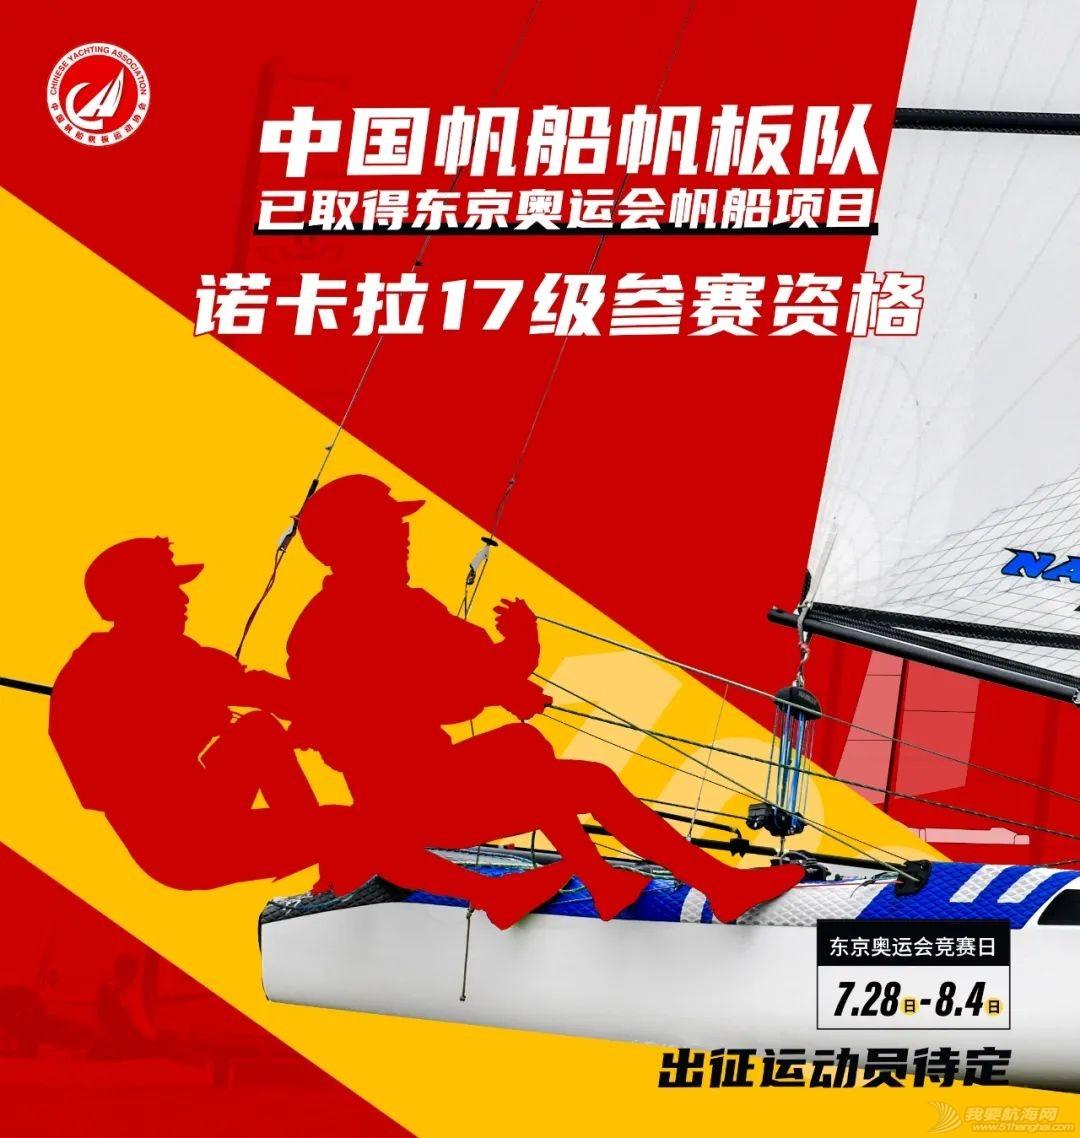 东京奥运会倒计时100天 京东助力中国帆船帆板队全力备战w10.jpg